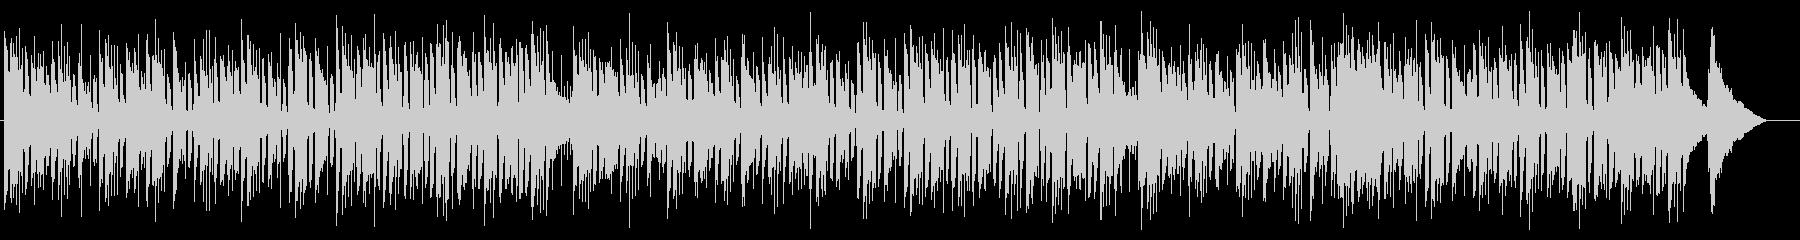 シンプルなエレキギターとピアノのボサノバの未再生の波形